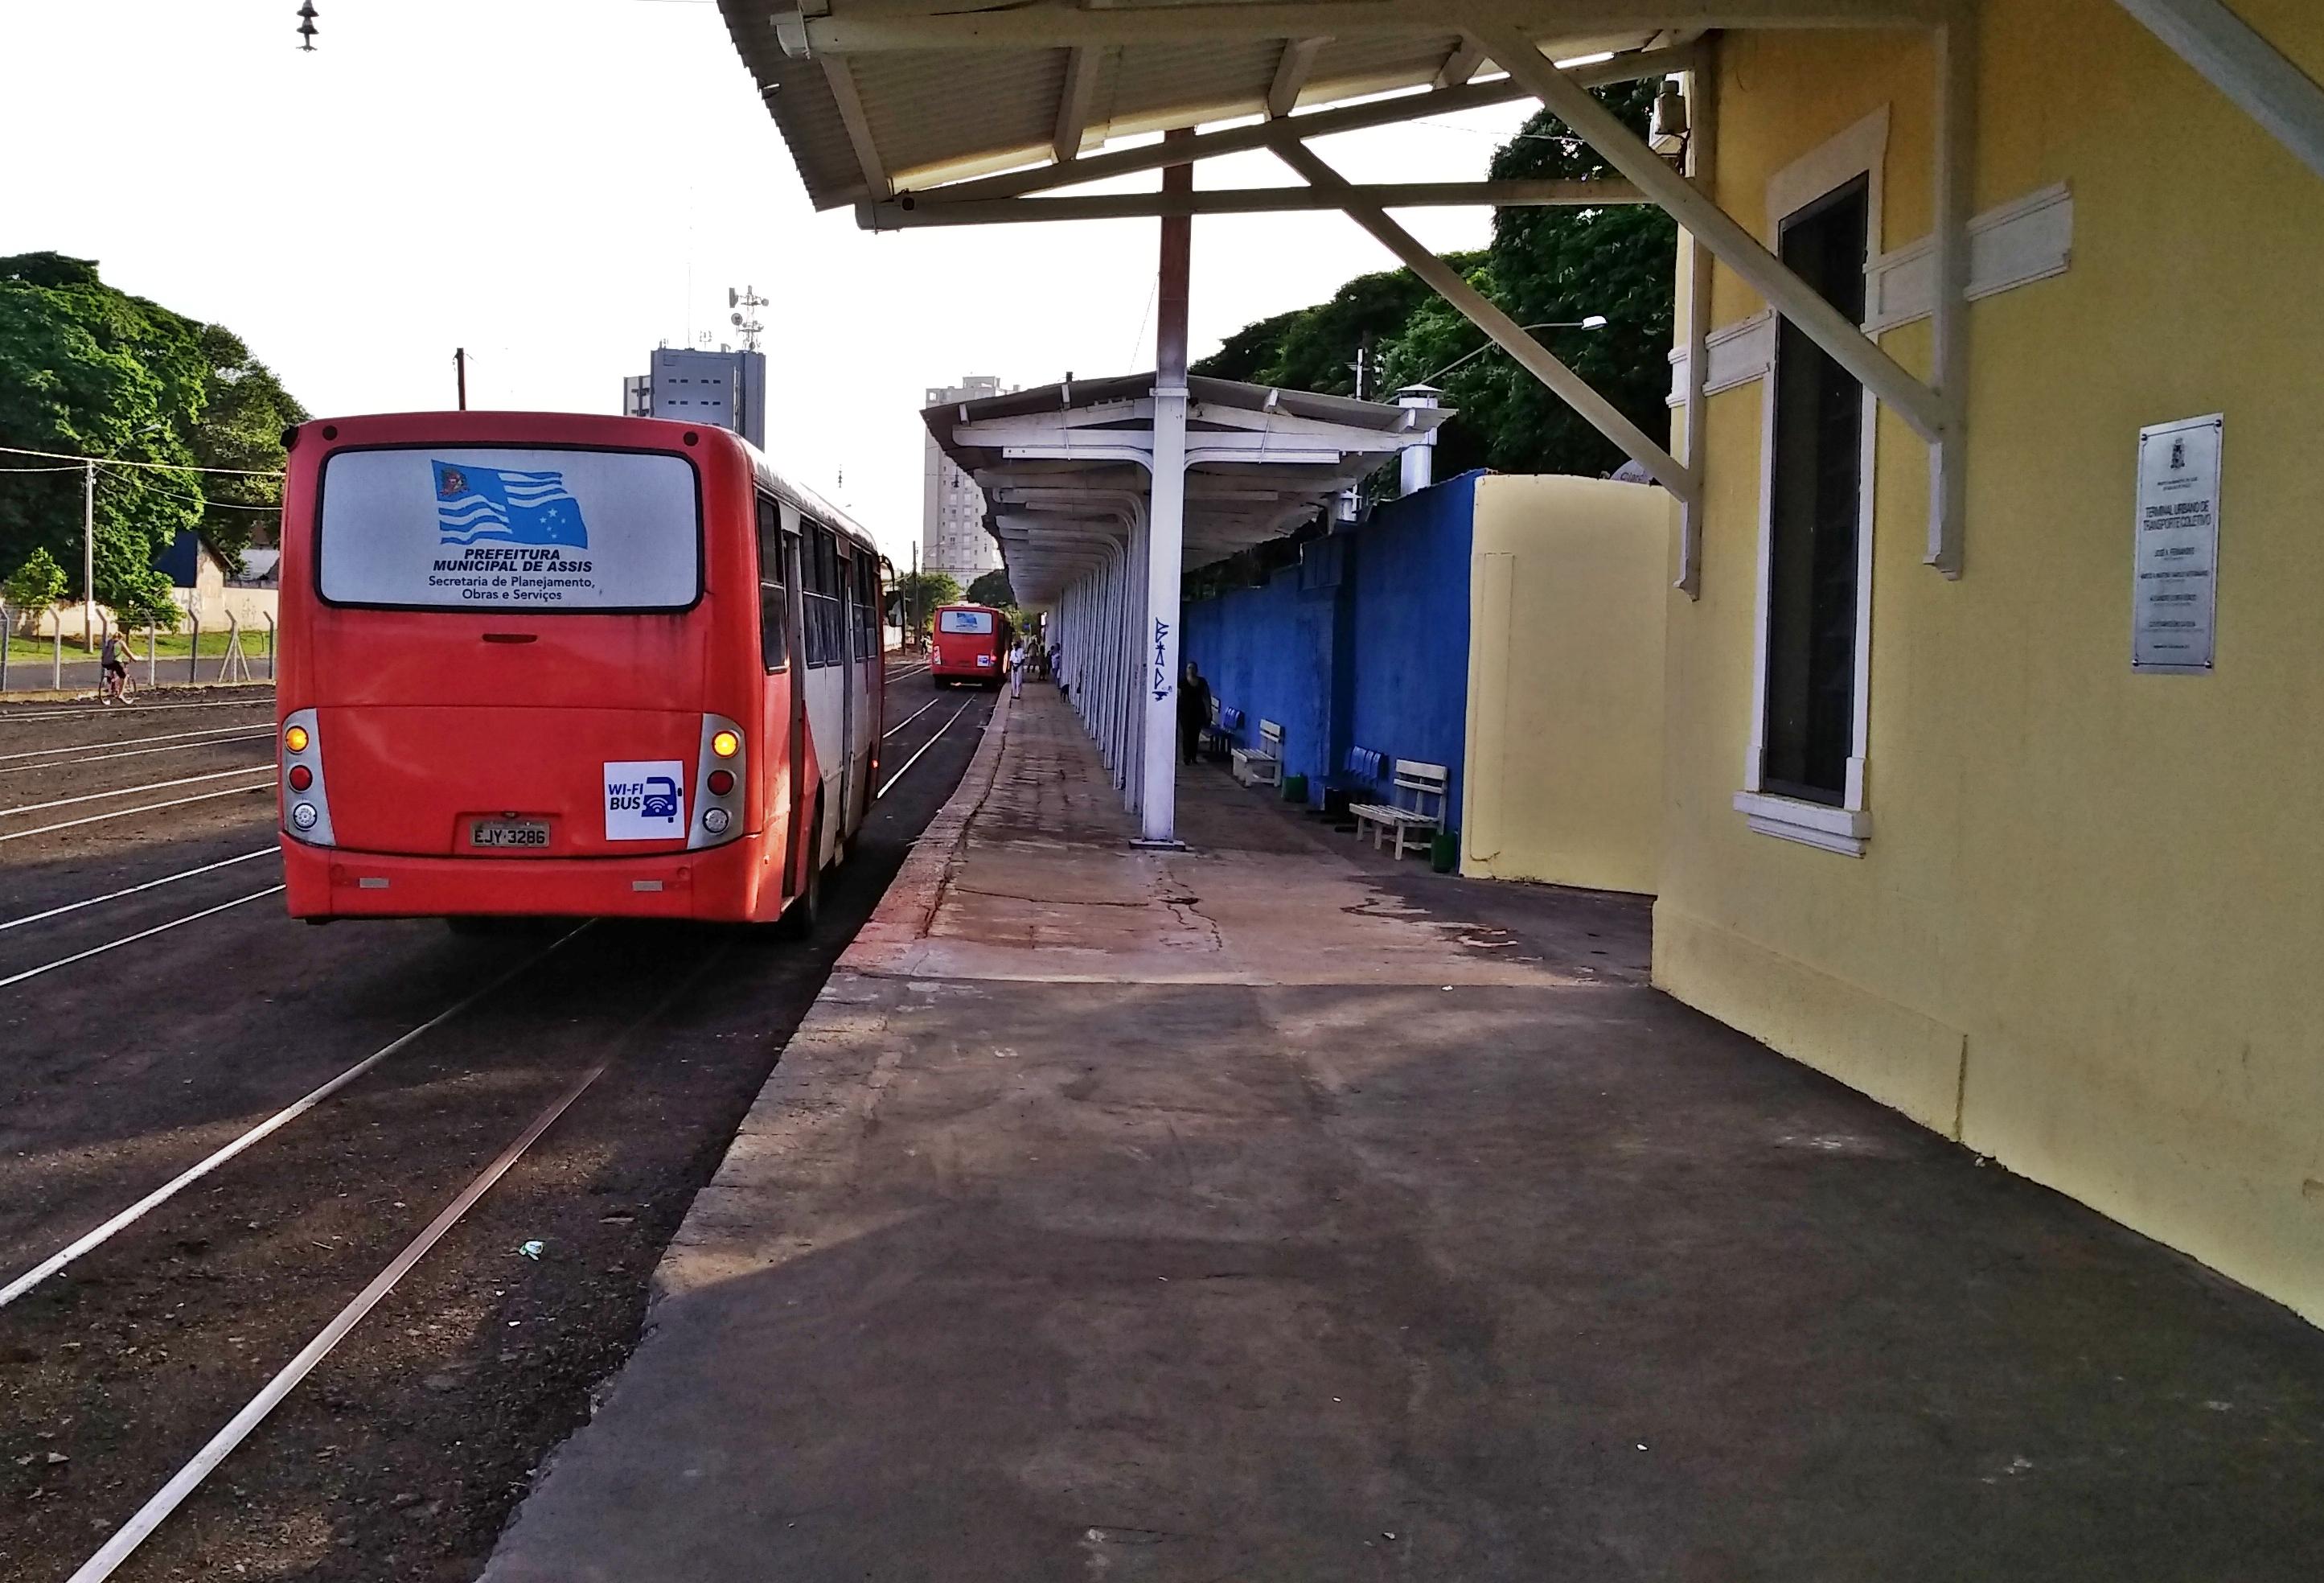 Terminal Urbano de Transportes Coletivos trará comodidade aos usuários, diz prefeito